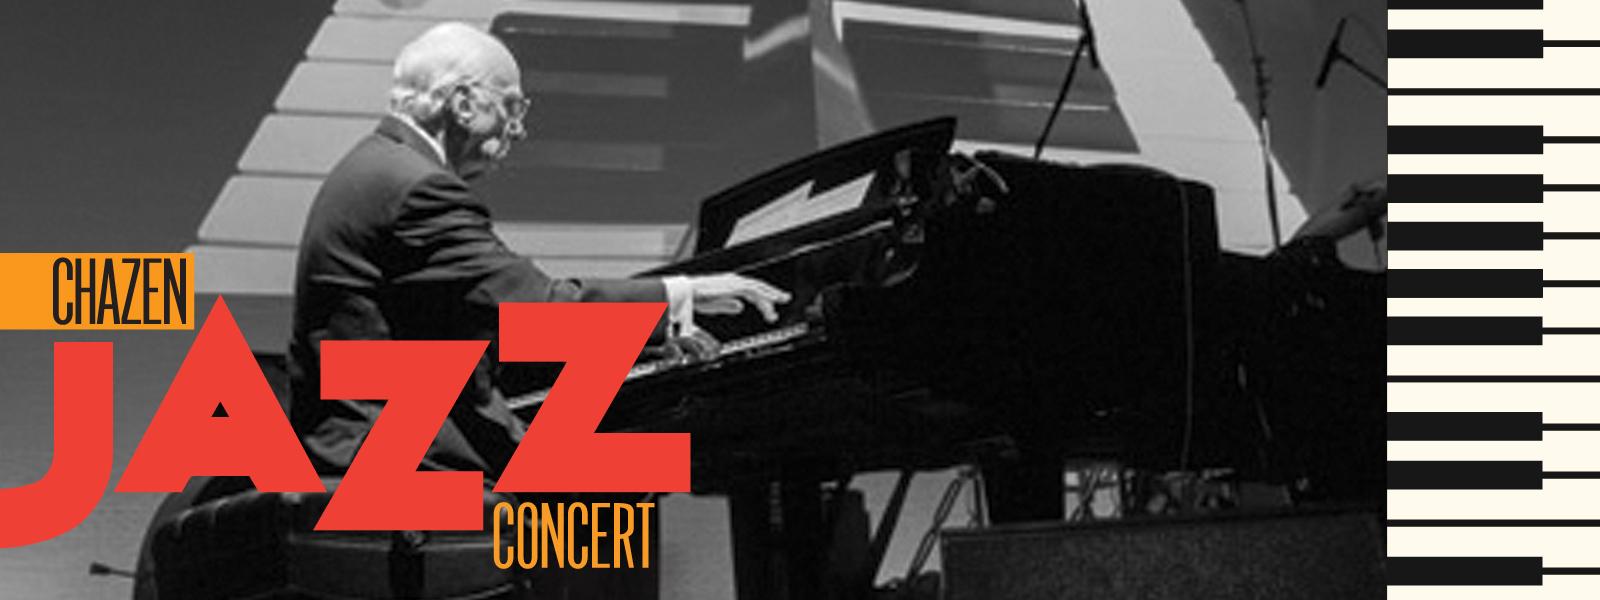 Chazen Jazz Conert